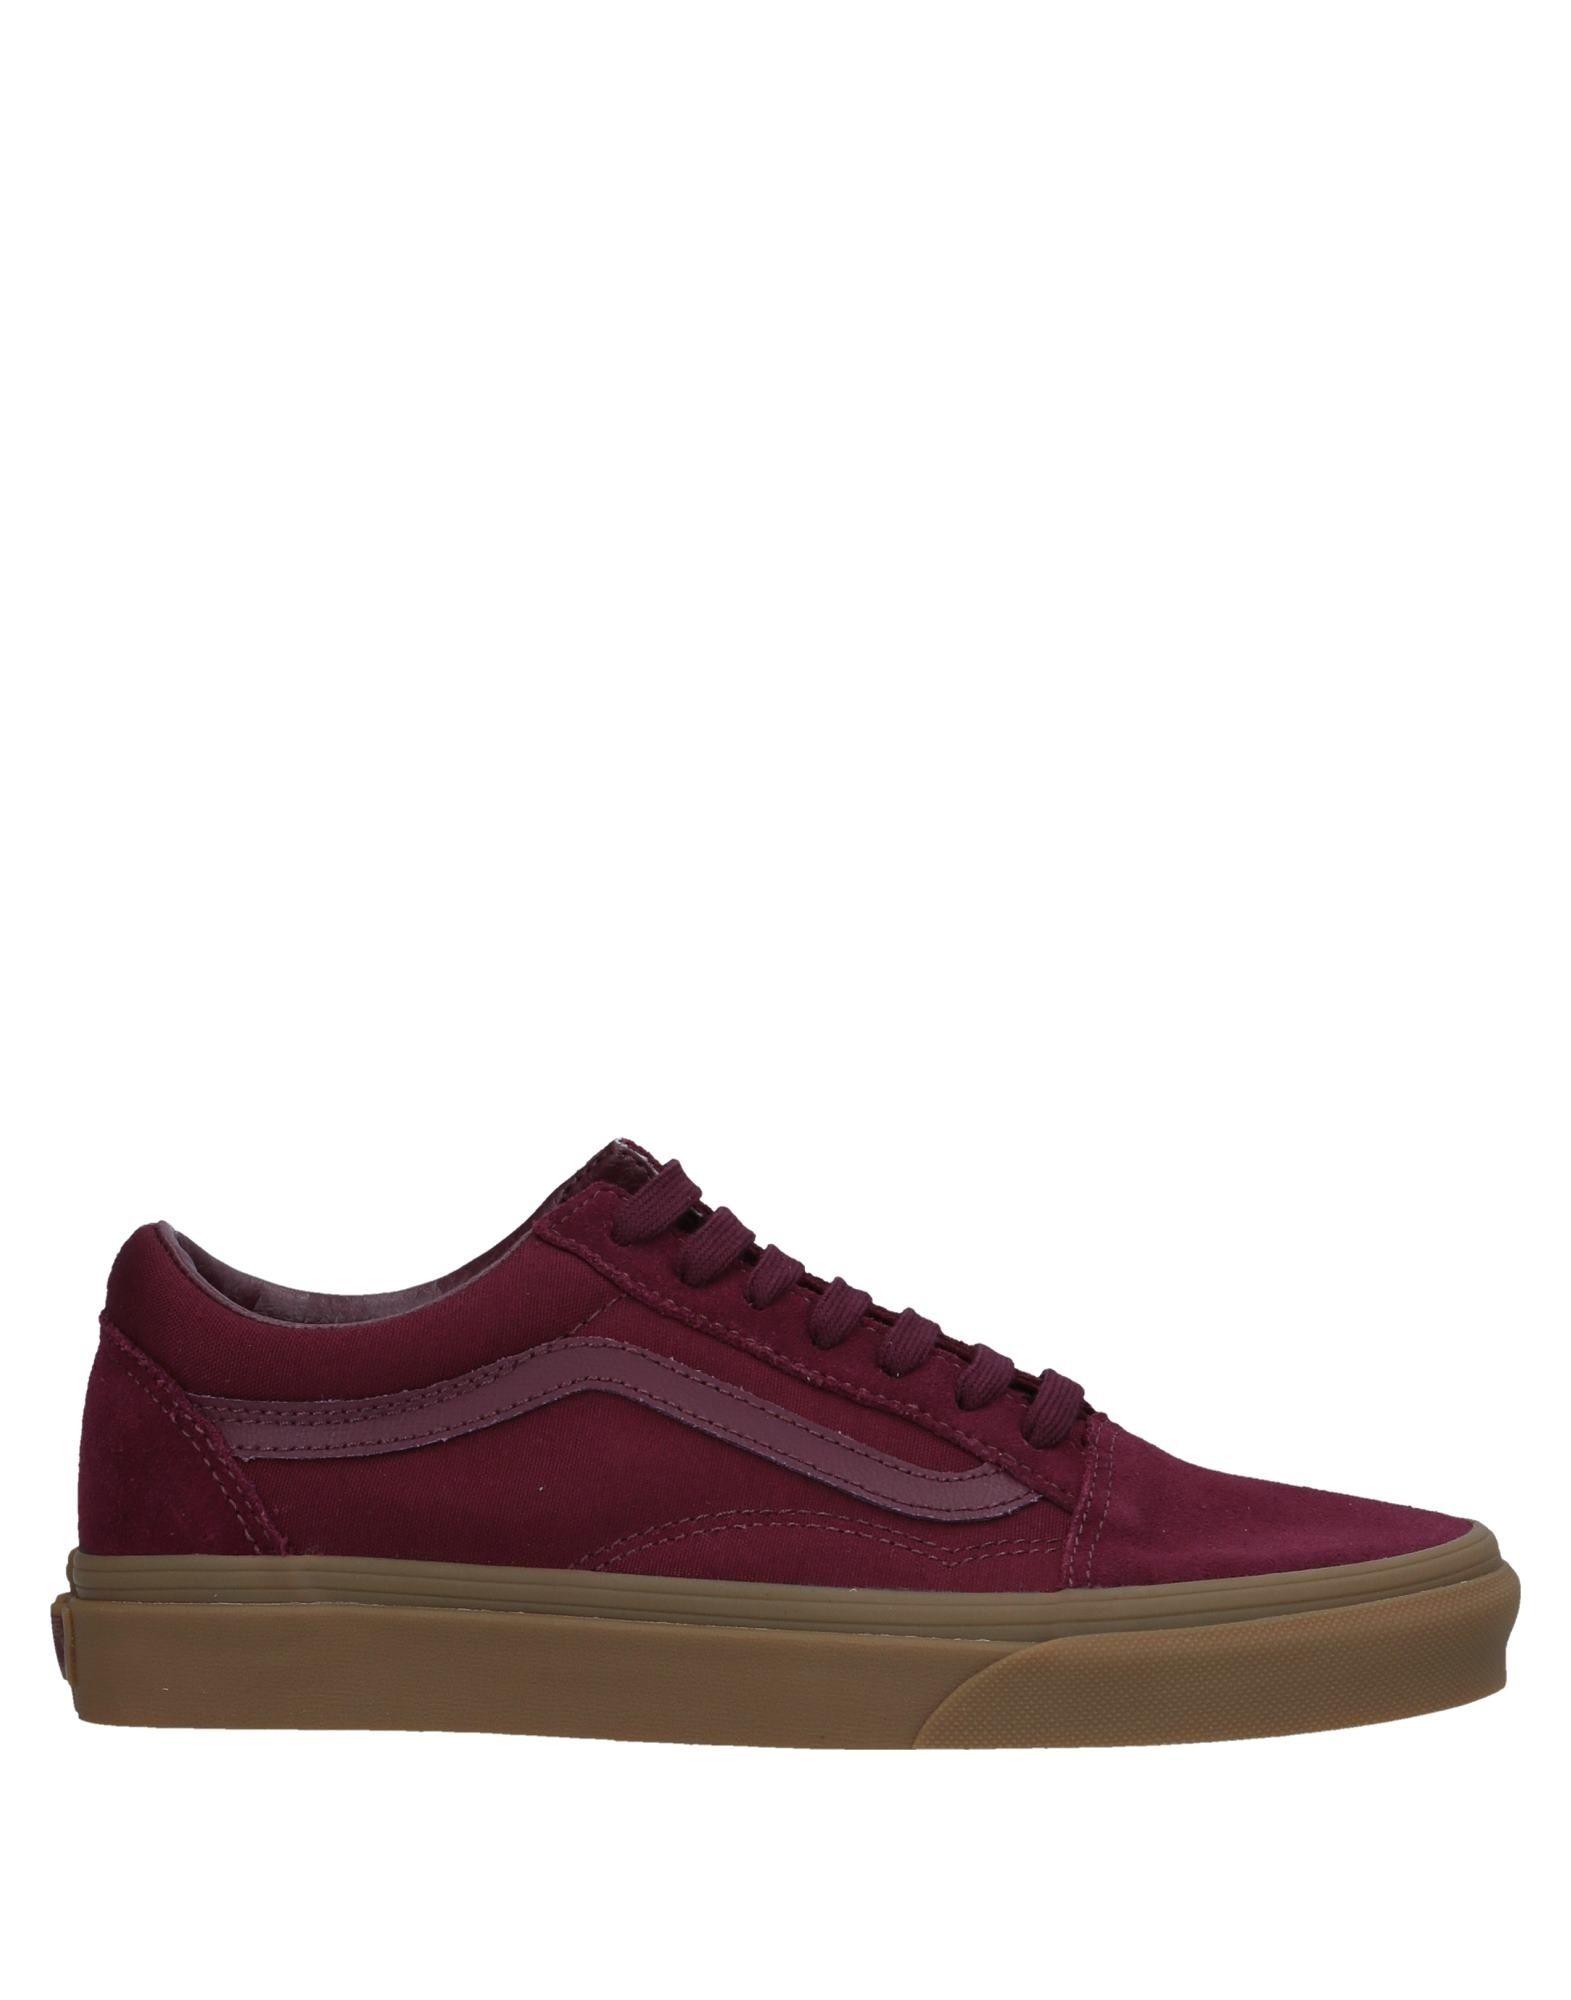 Vans Sneakers Damen  11508633WC